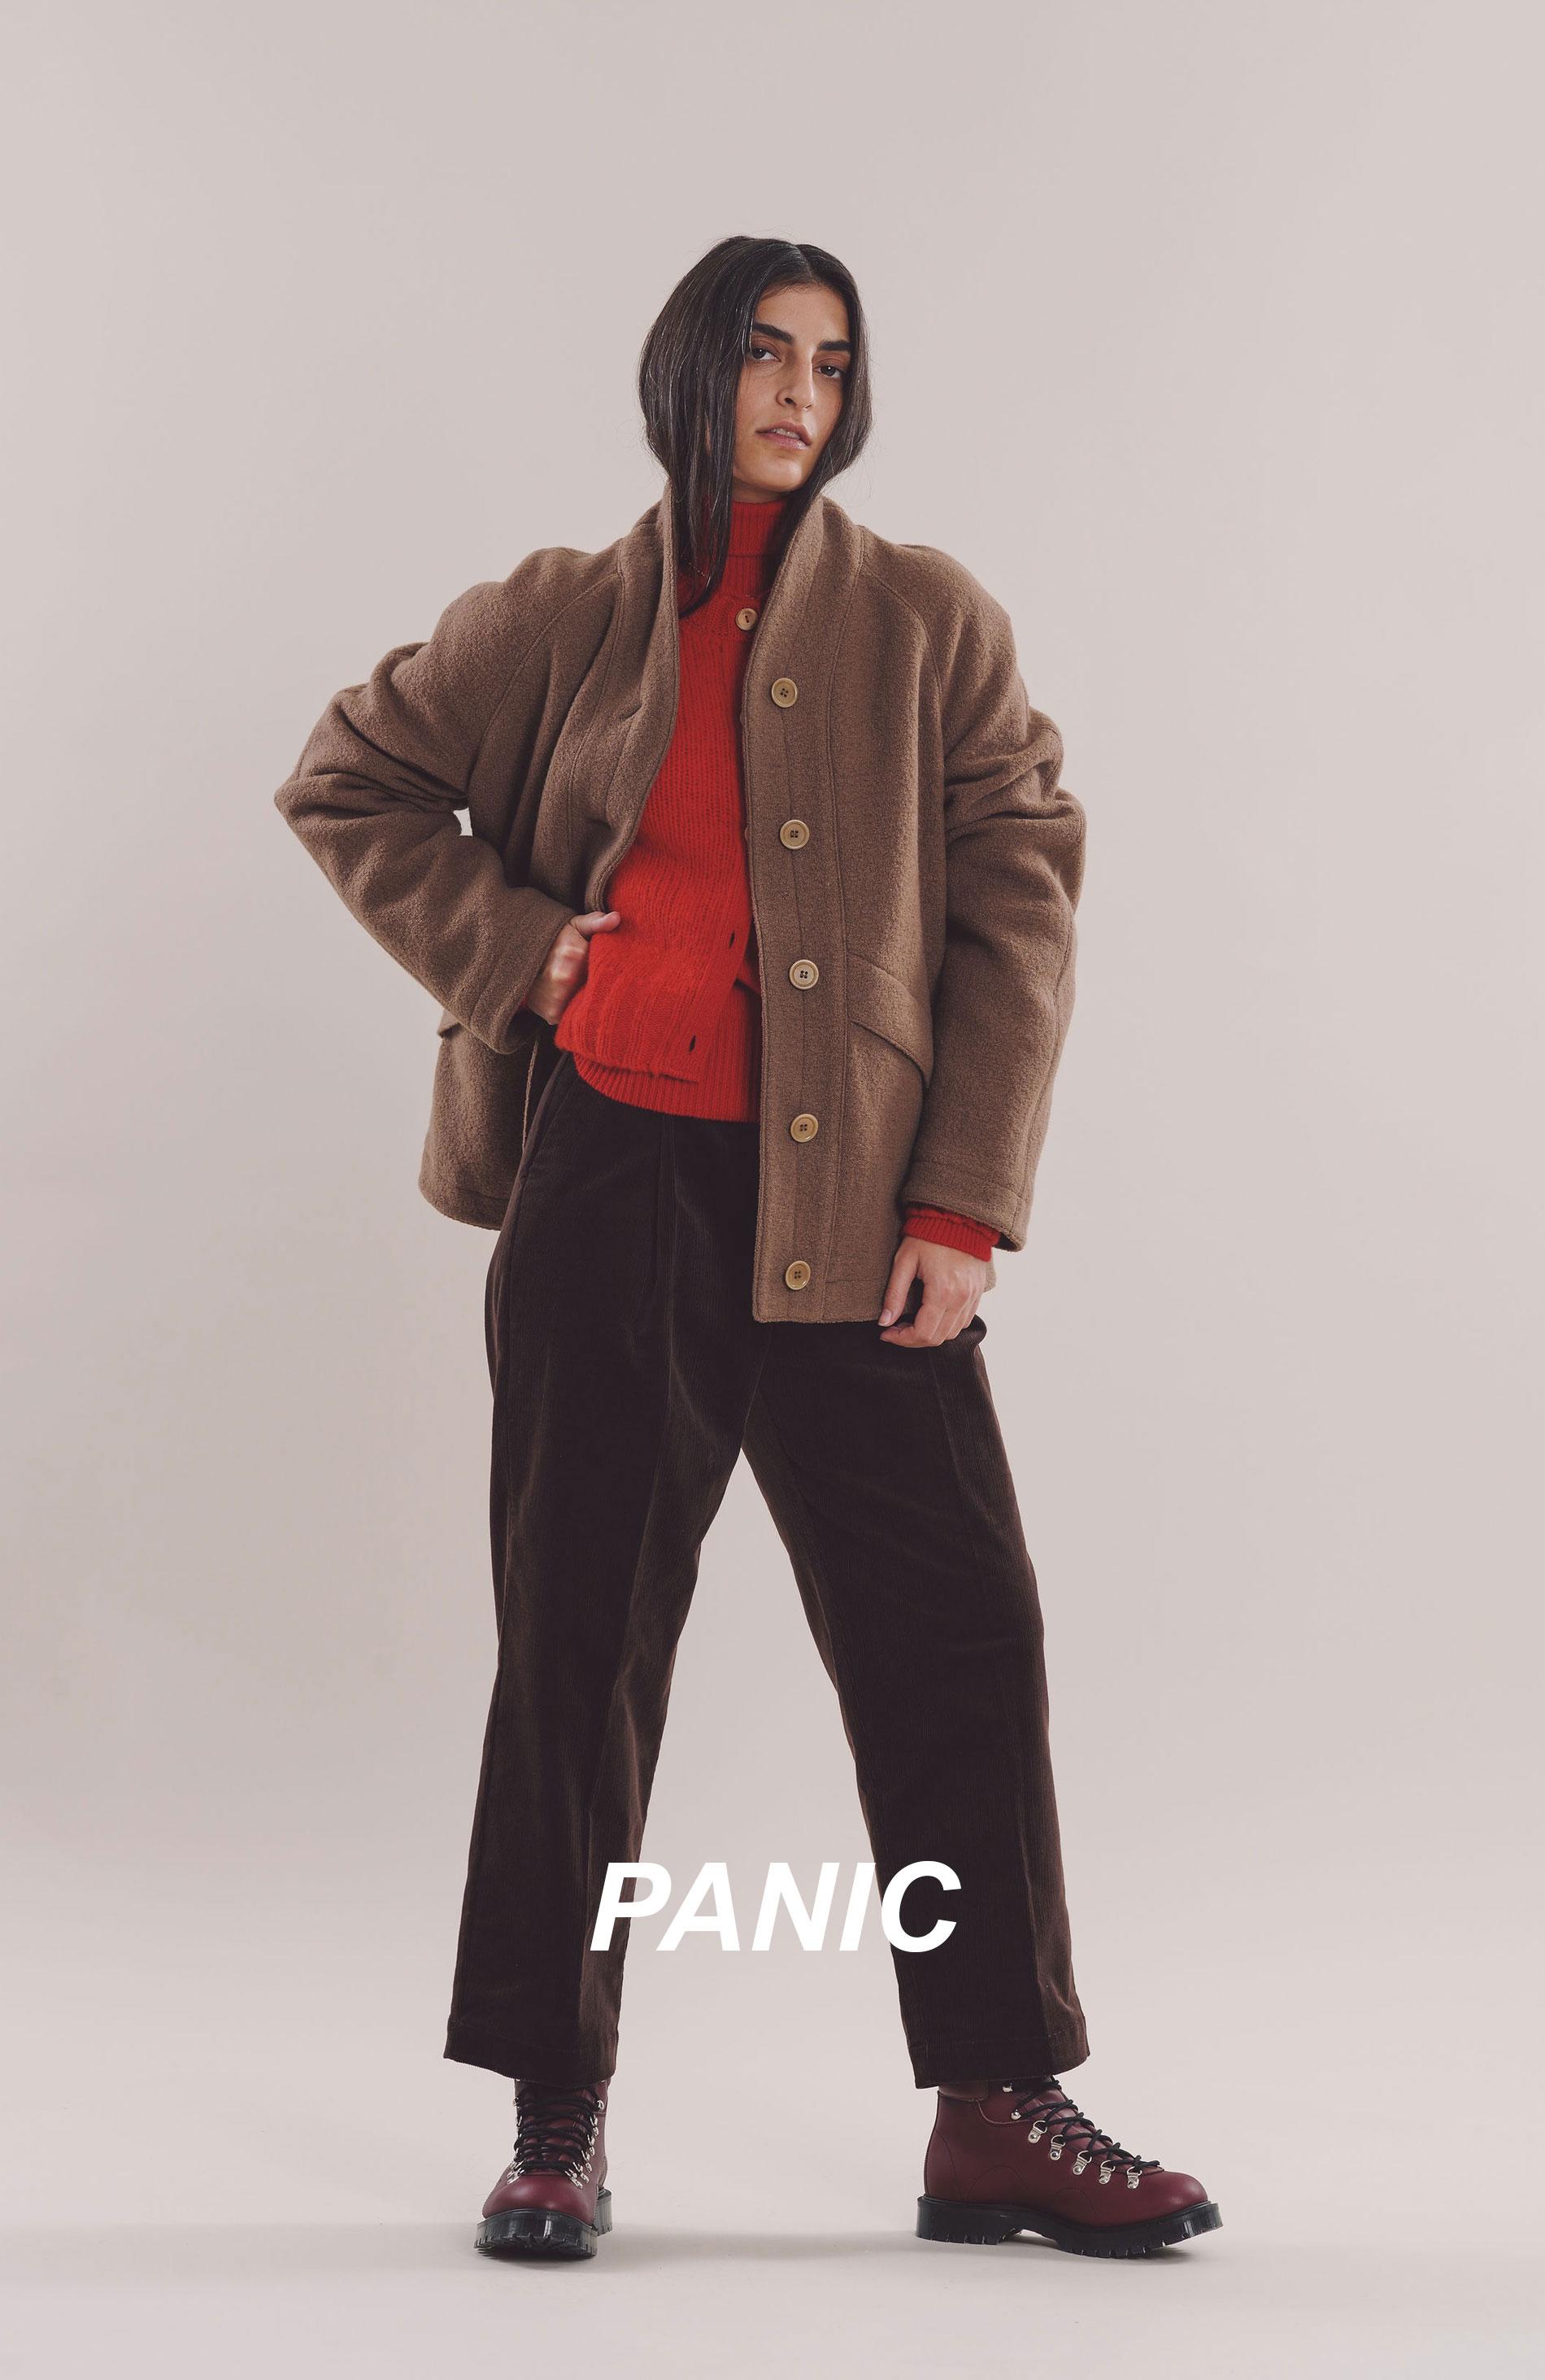 womens_ymc_panic_hp